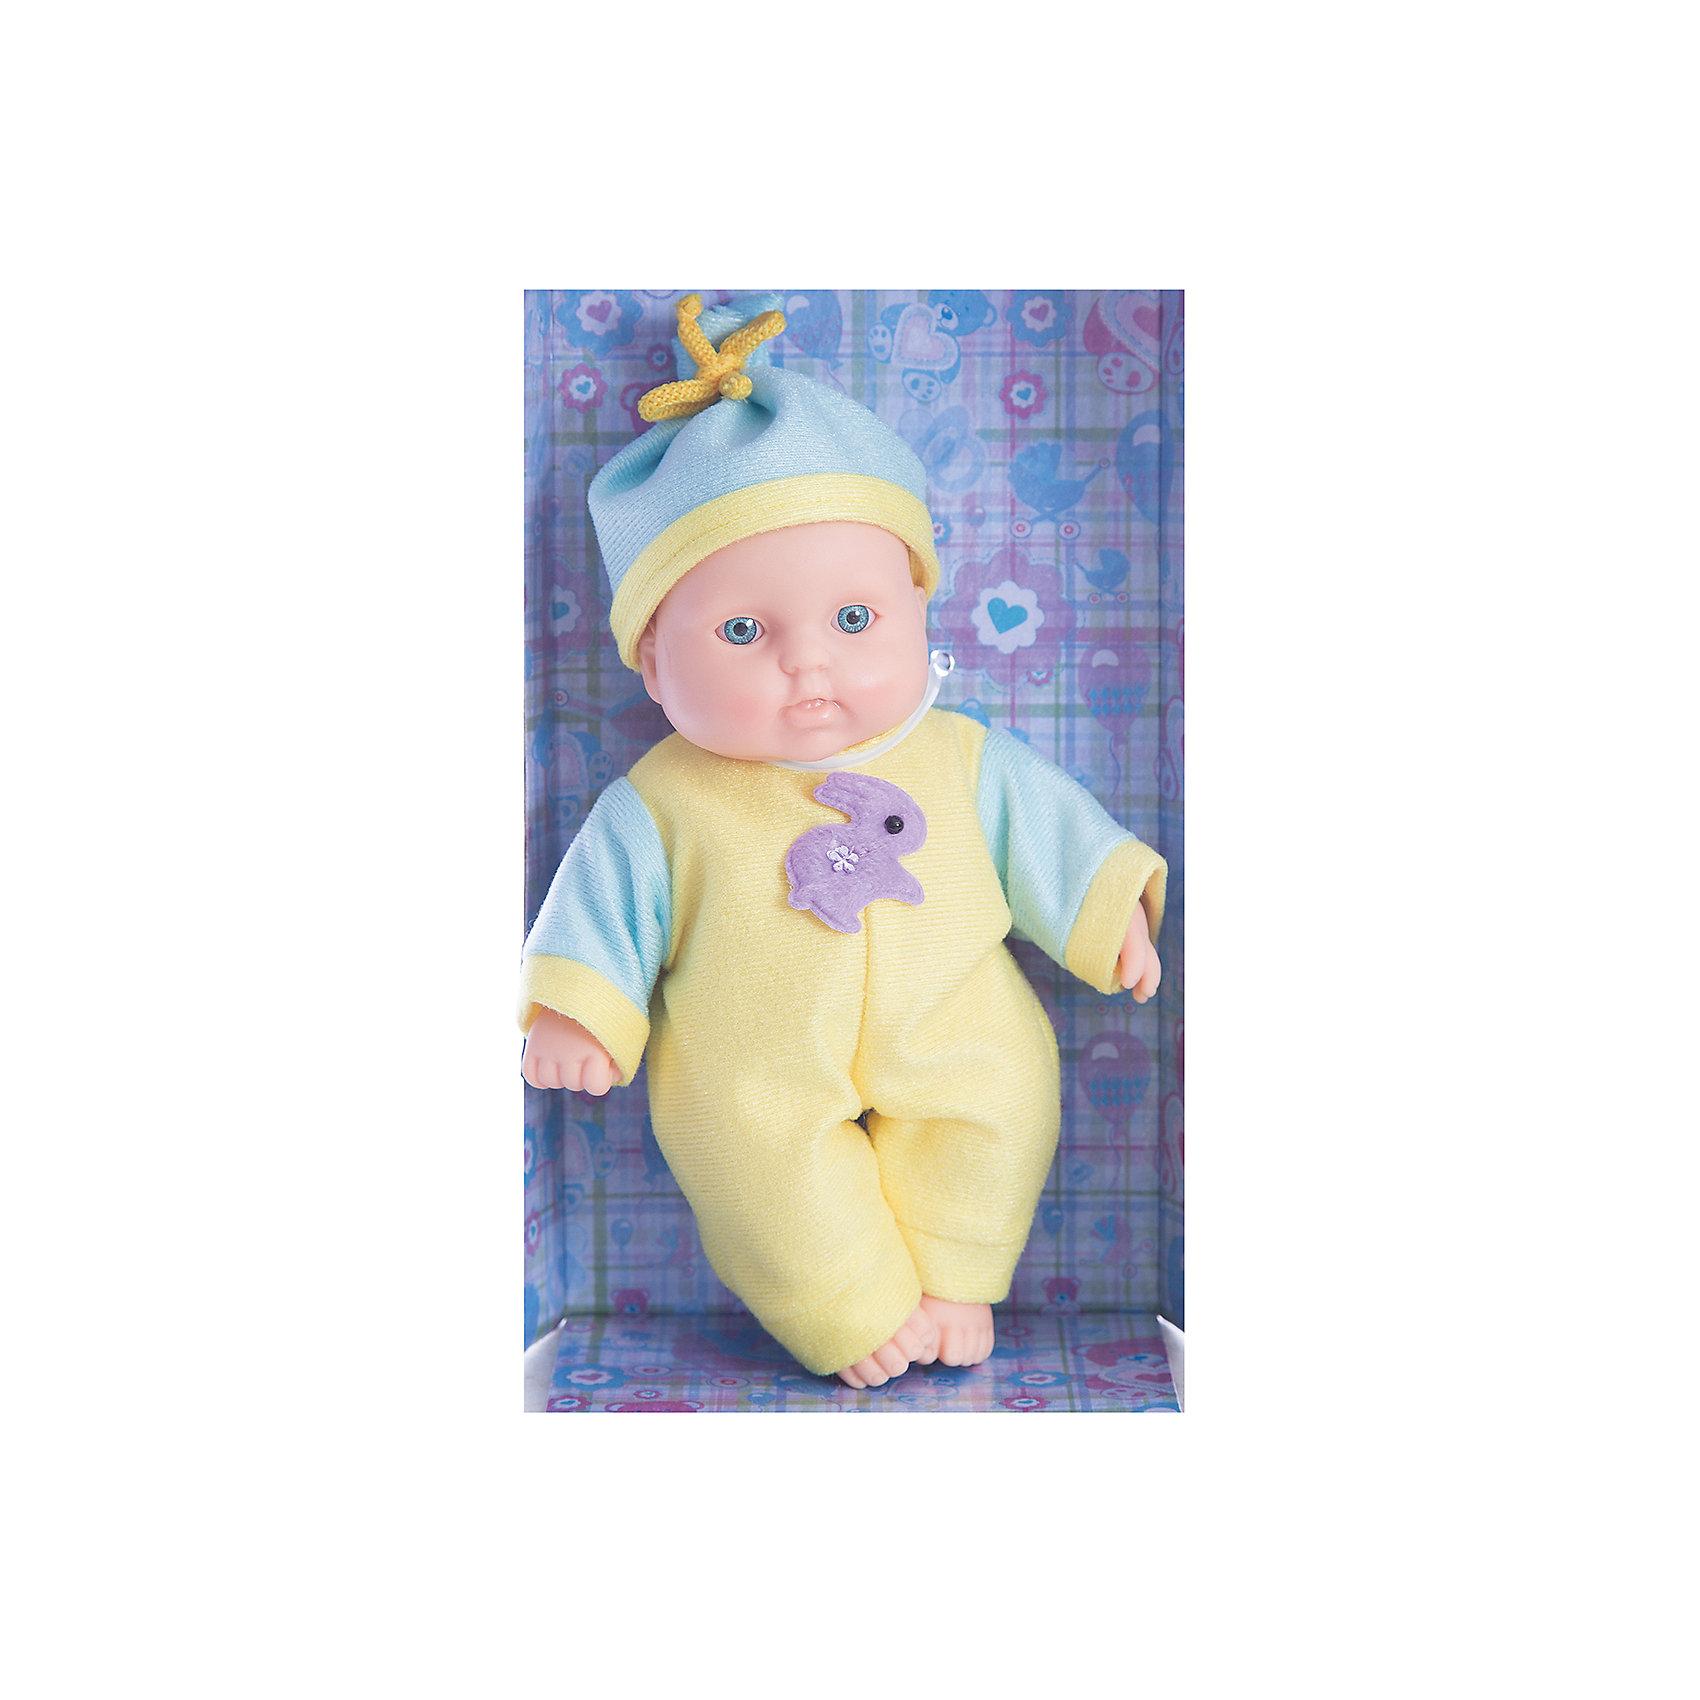 Весна Кукла Карапуз 10 (мальчик), 20 см, Весна куклы карапуз кукла карапуз принцесса рапунцель 25 см